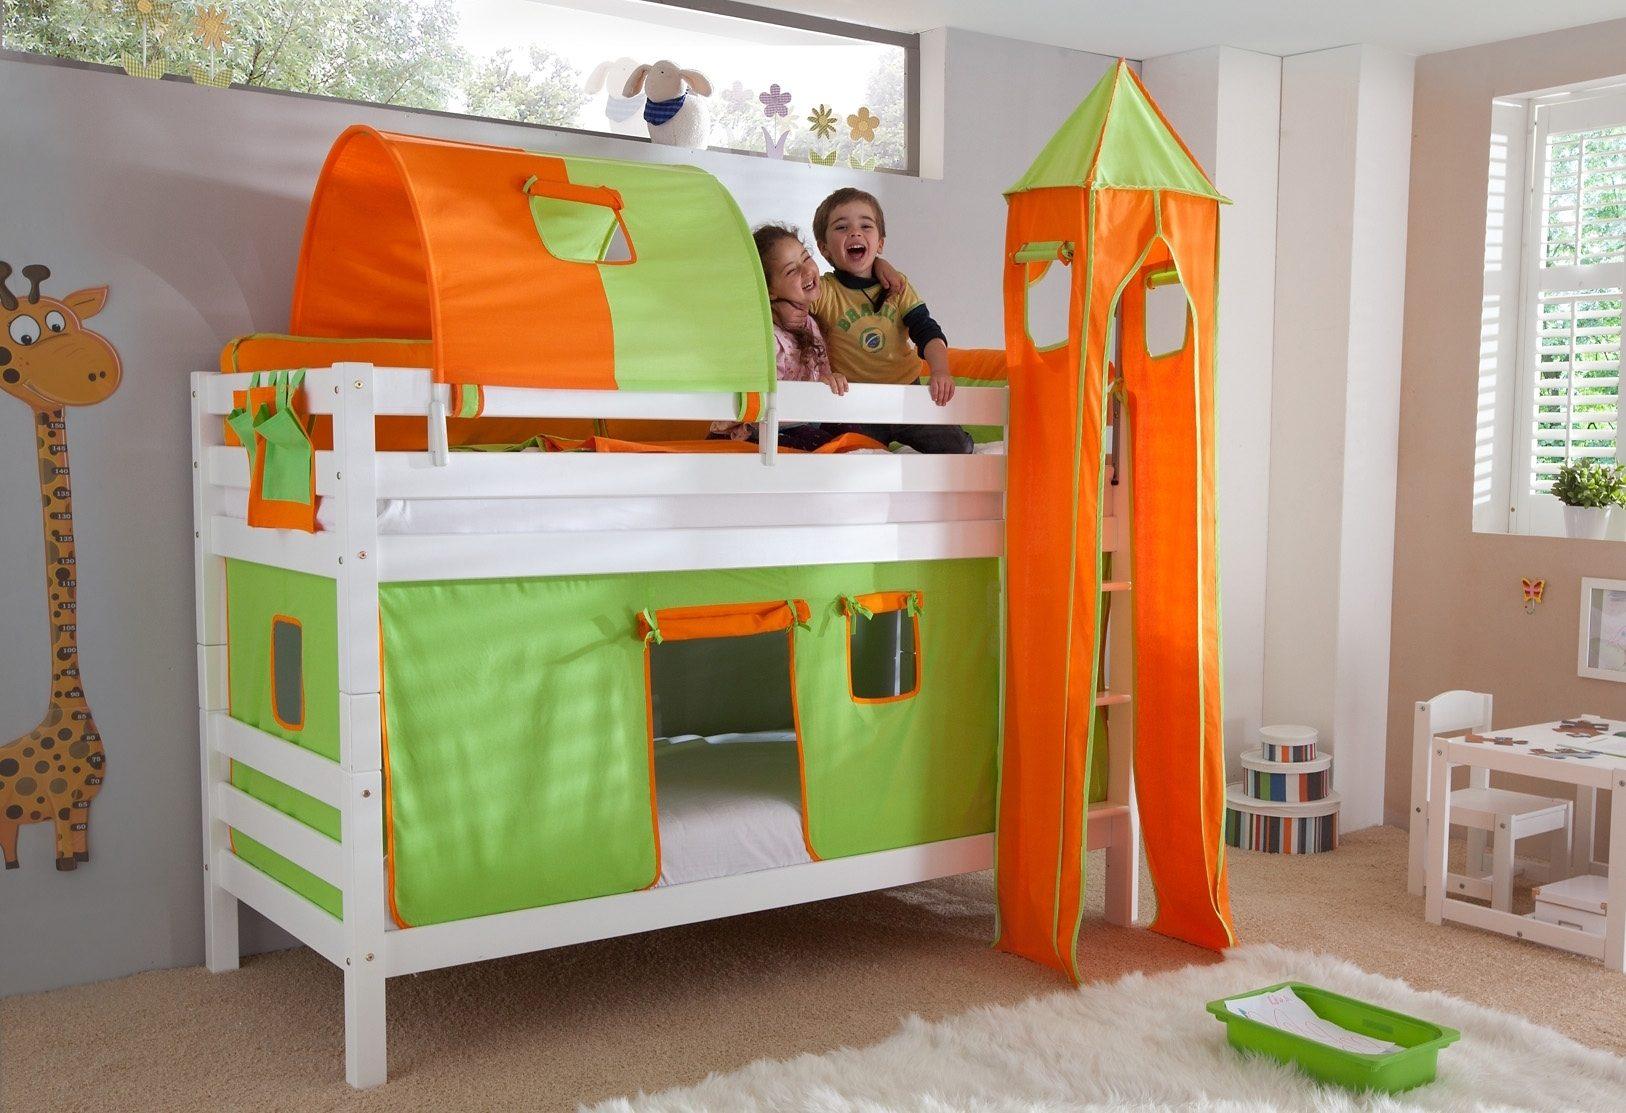 Otto Etagenbetten : Mehrfarbig massivholz etagenbetten online kaufen möbel